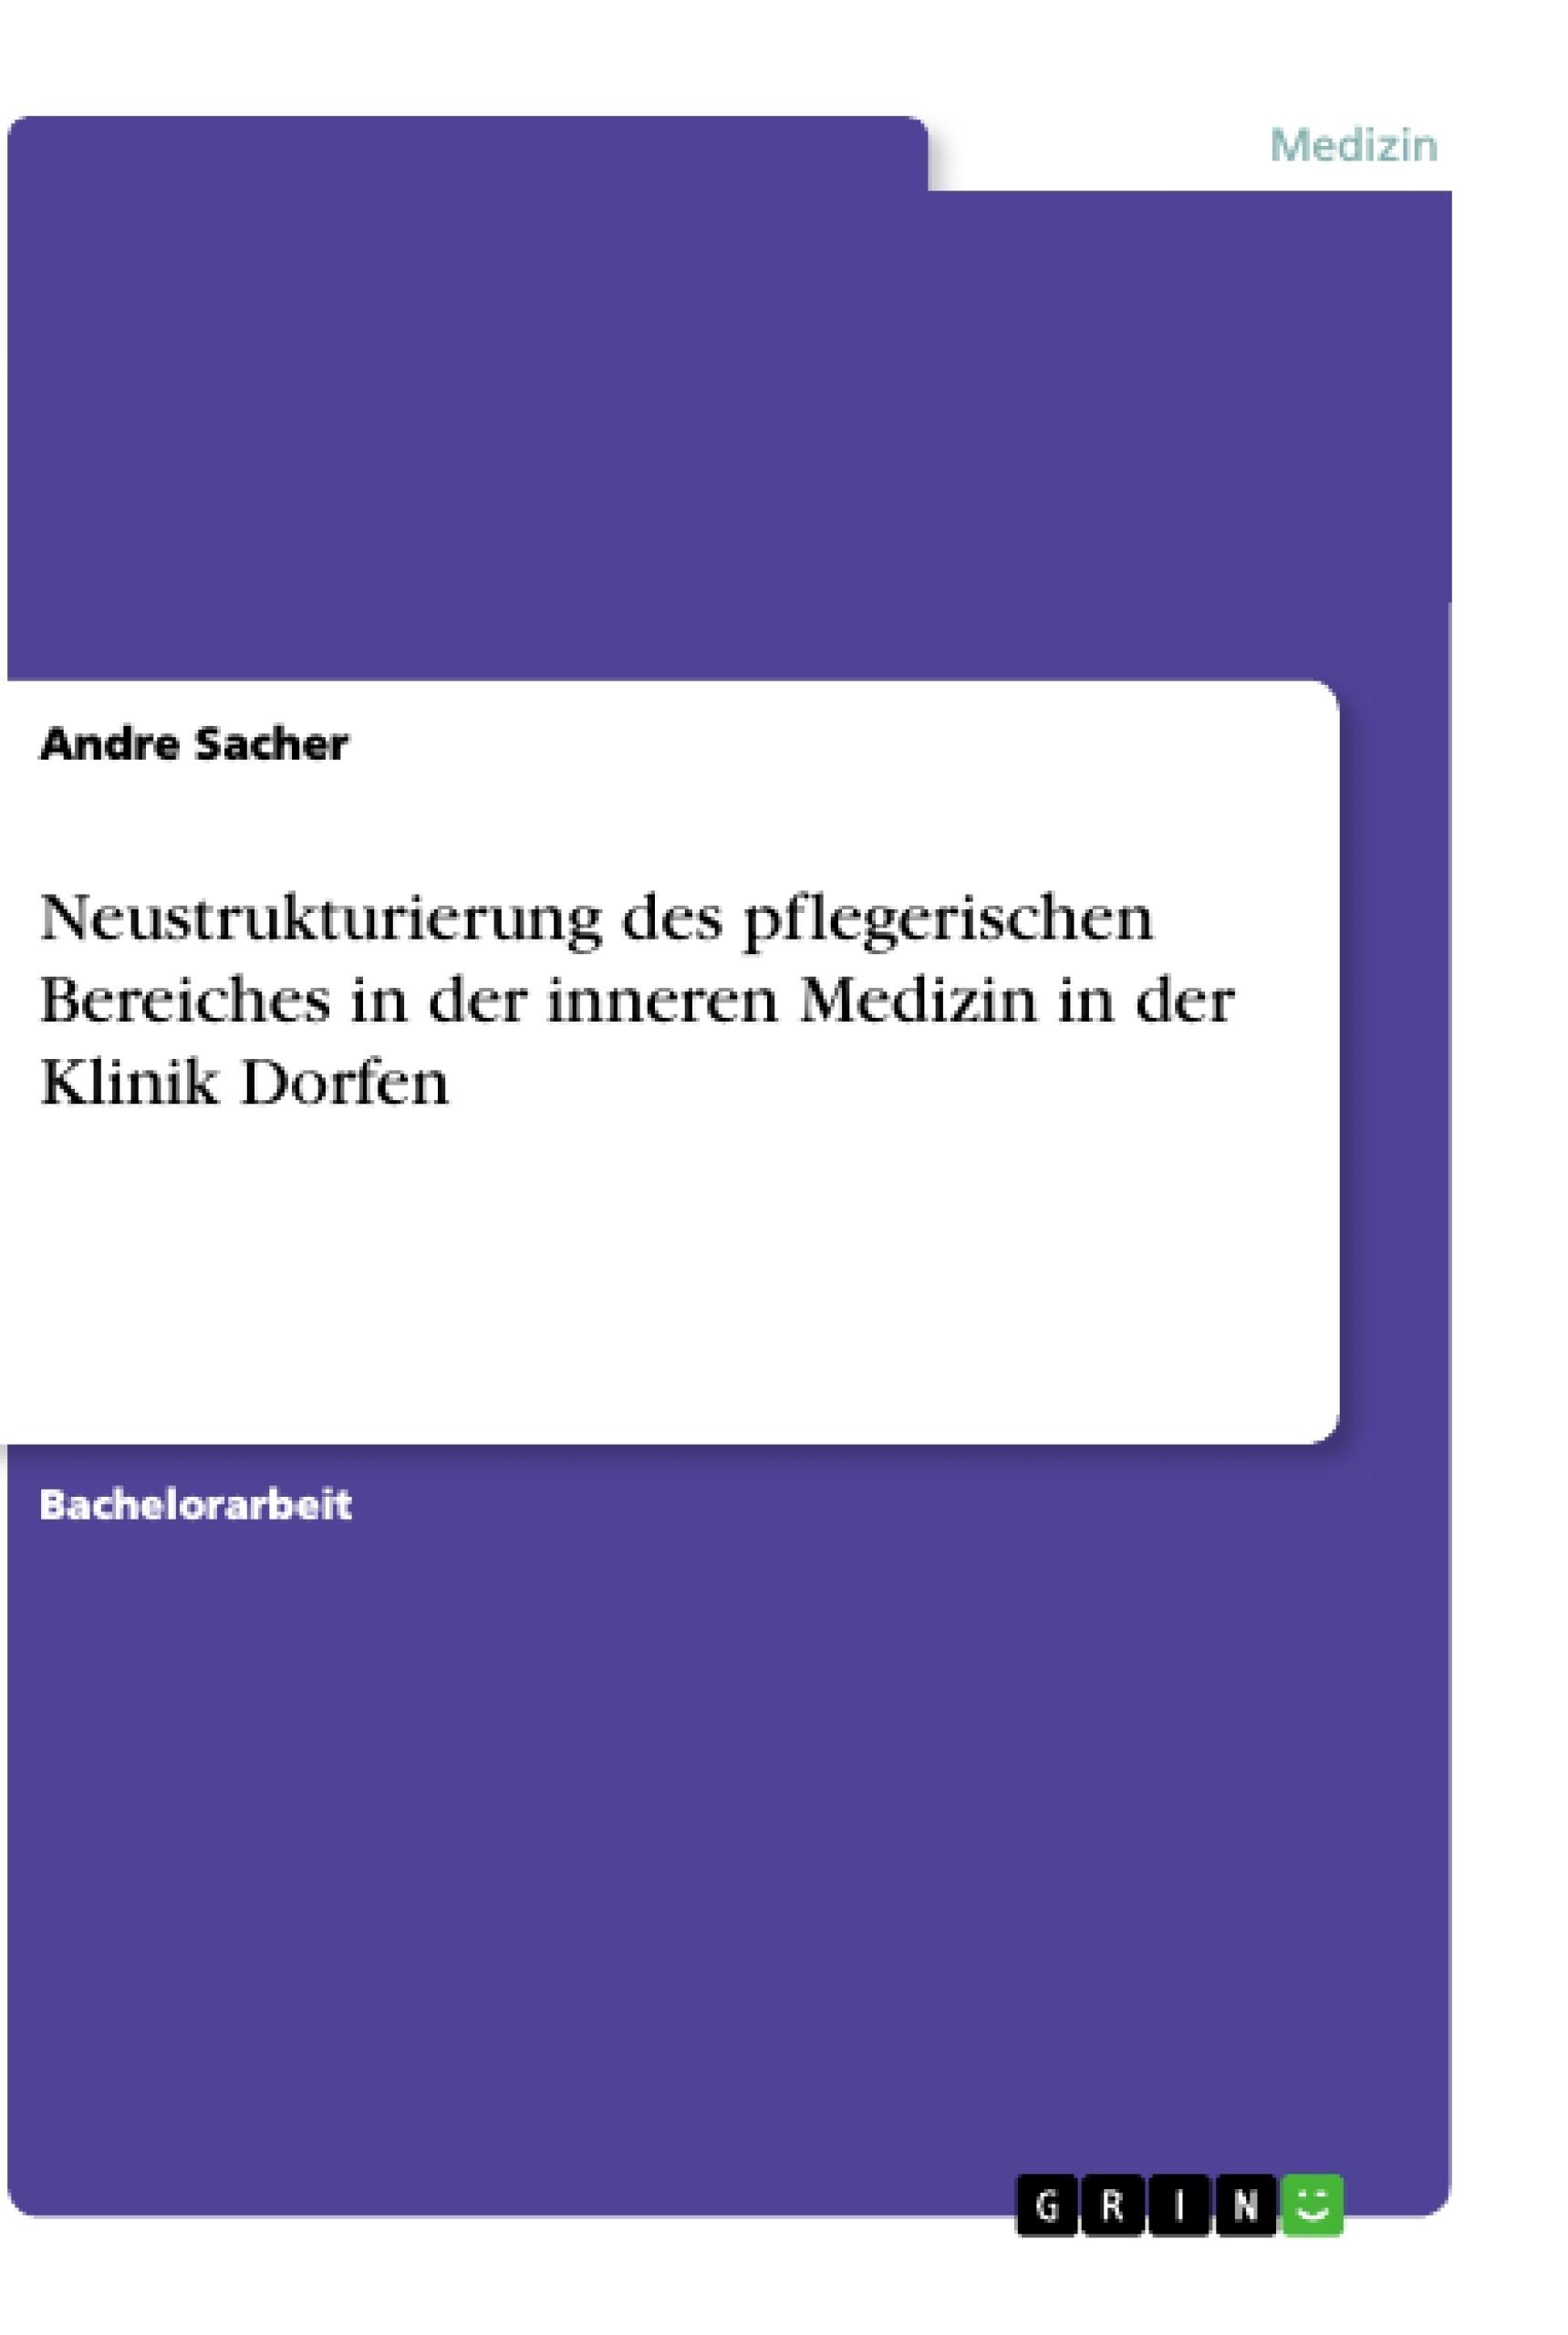 Titel: Neustrukturierung des pflegerischen Bereiches in der inneren Medizin in der Klinik Dorfen